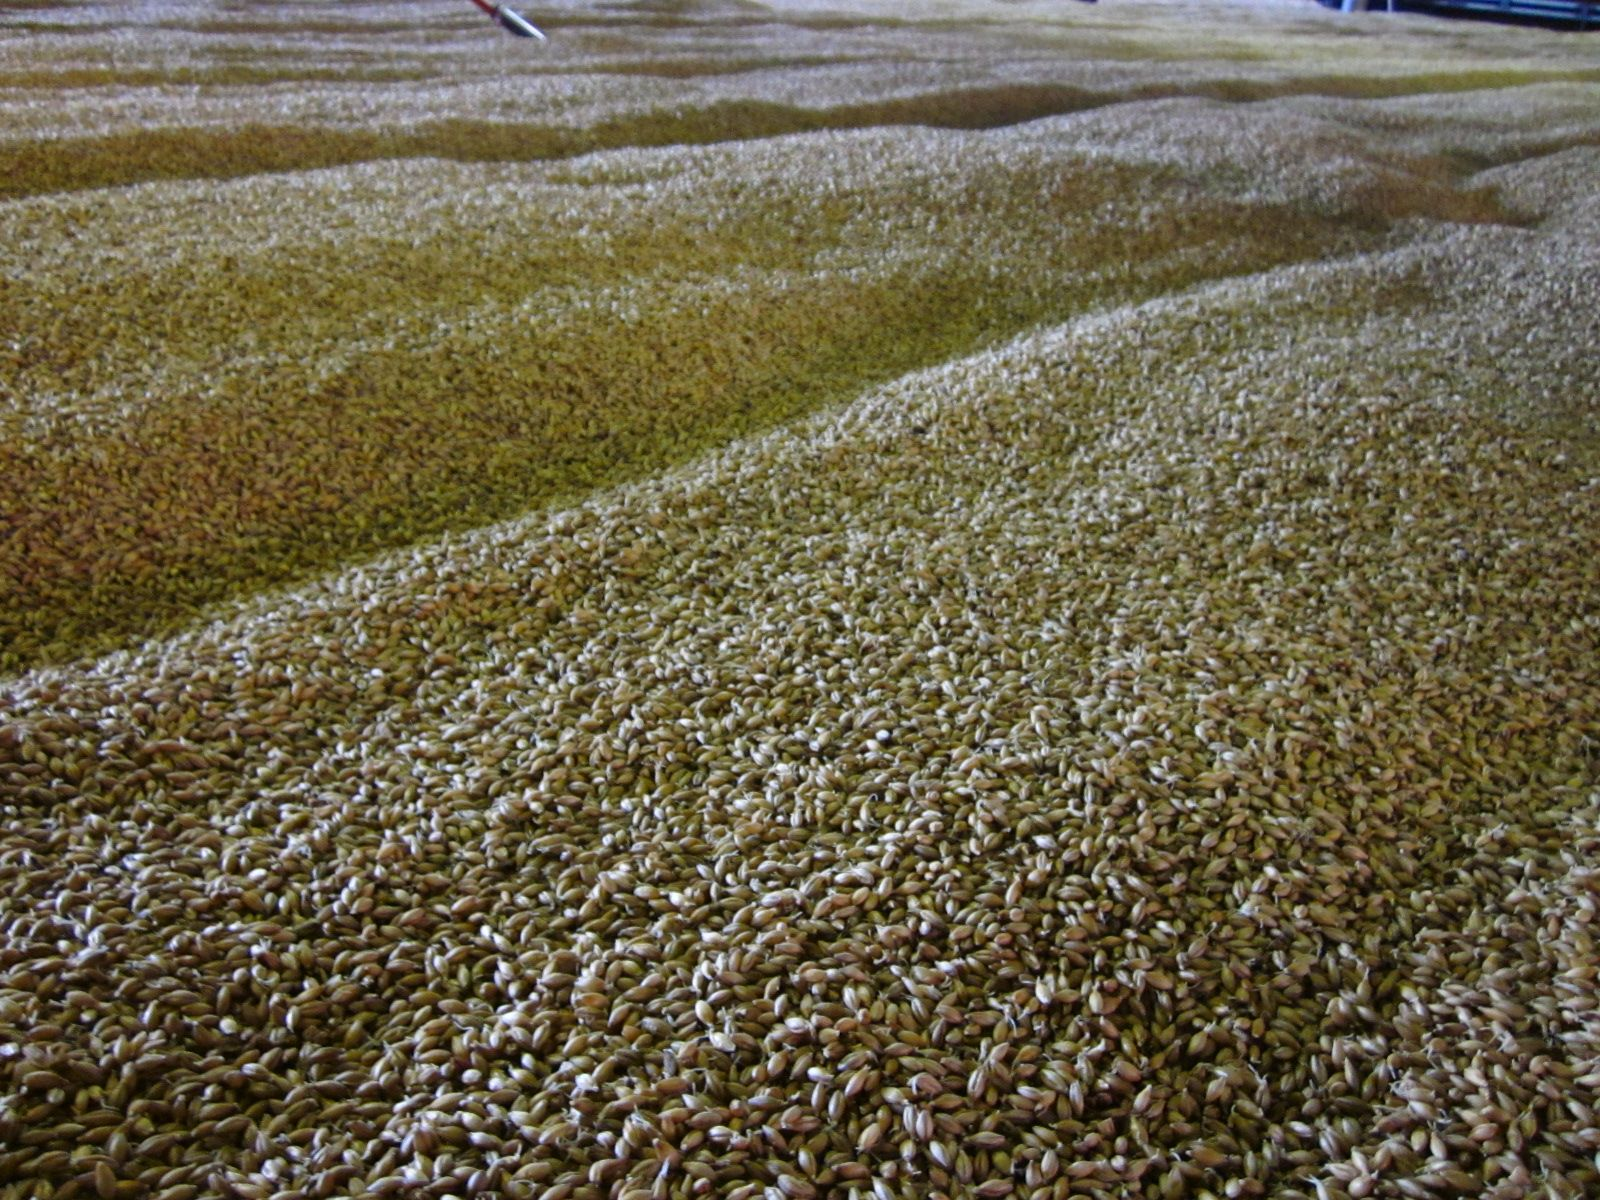 Balvenie Malting Floor Grains